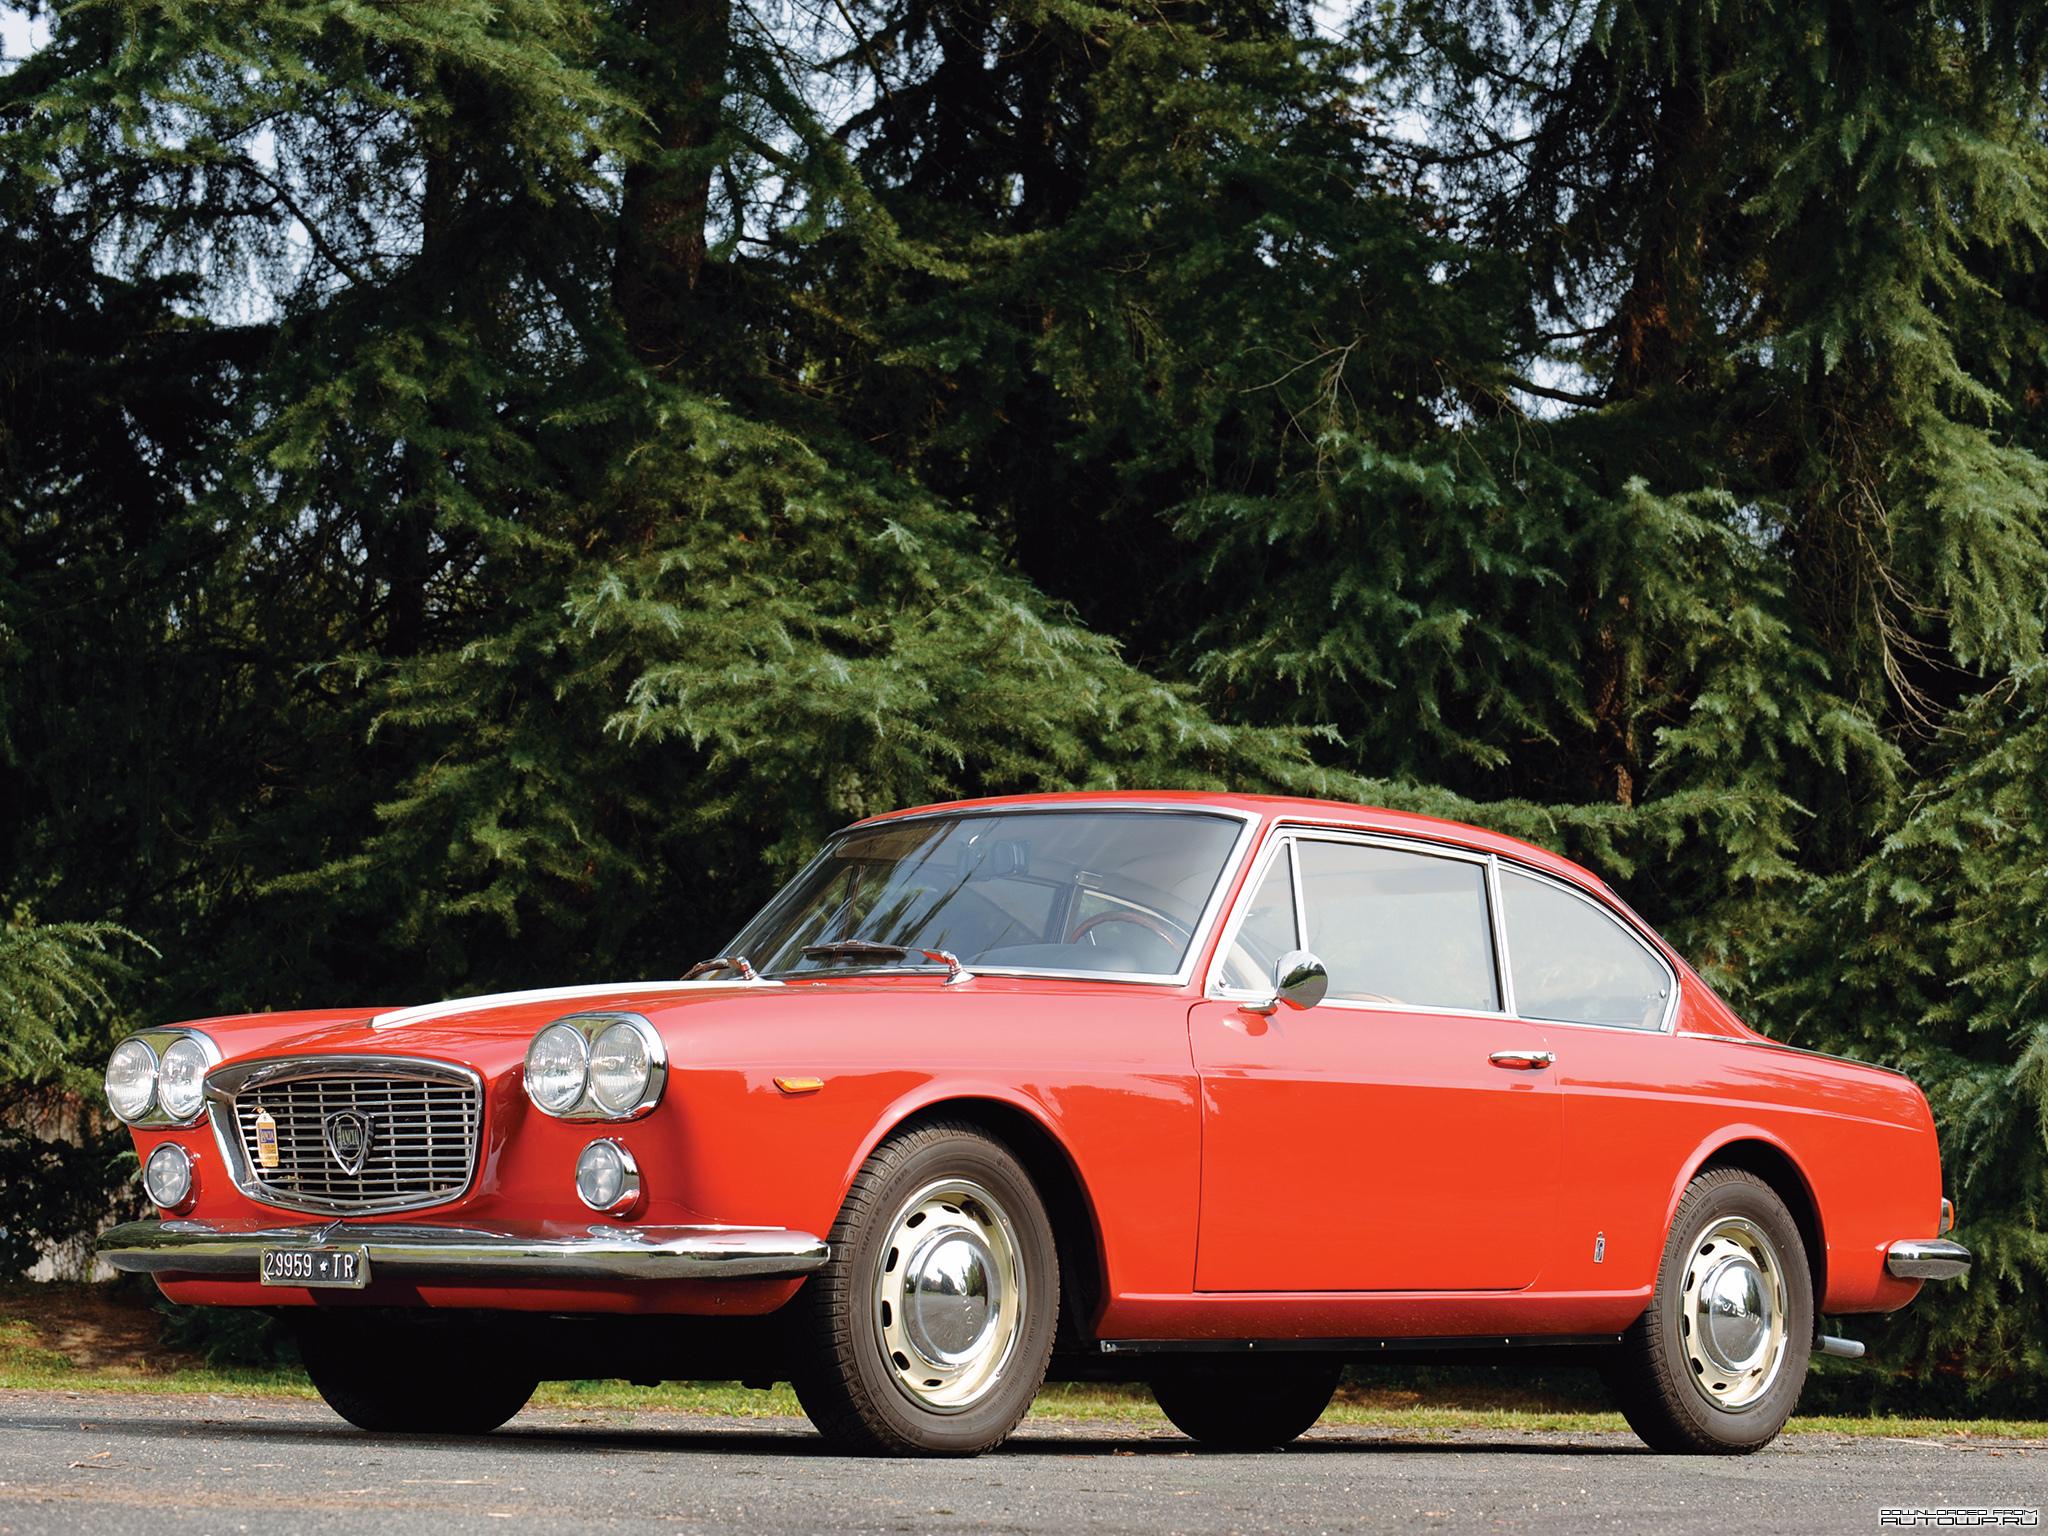 flavia - Ferrari